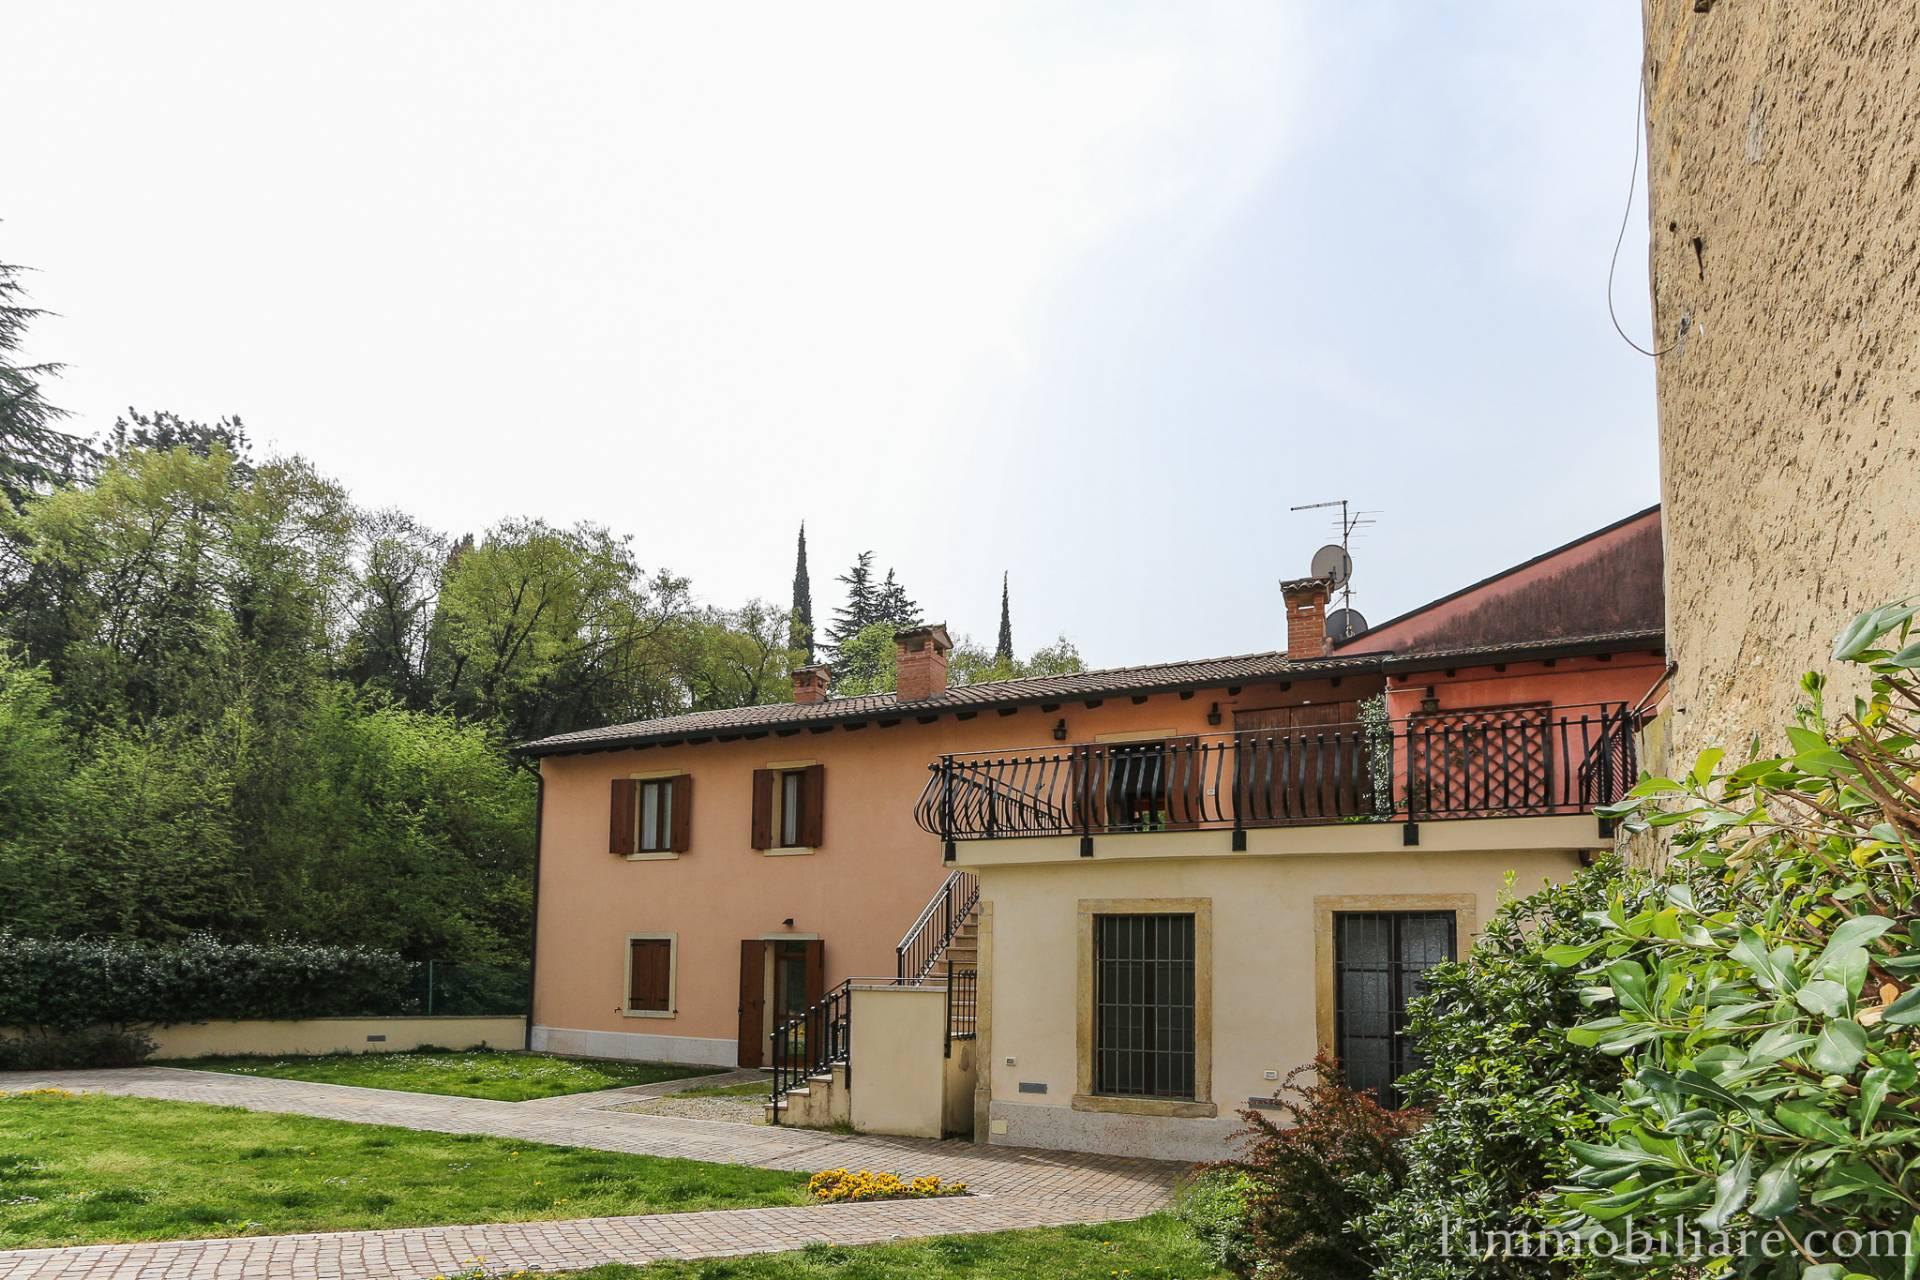 Appartamento in vendita a Verona, 3 locali, zona Zona: 5 . Quinzano - Pindemonte - Ponte Crencano - Valdonega - Avesa , prezzo € 220.000 | Cambio Casa.it